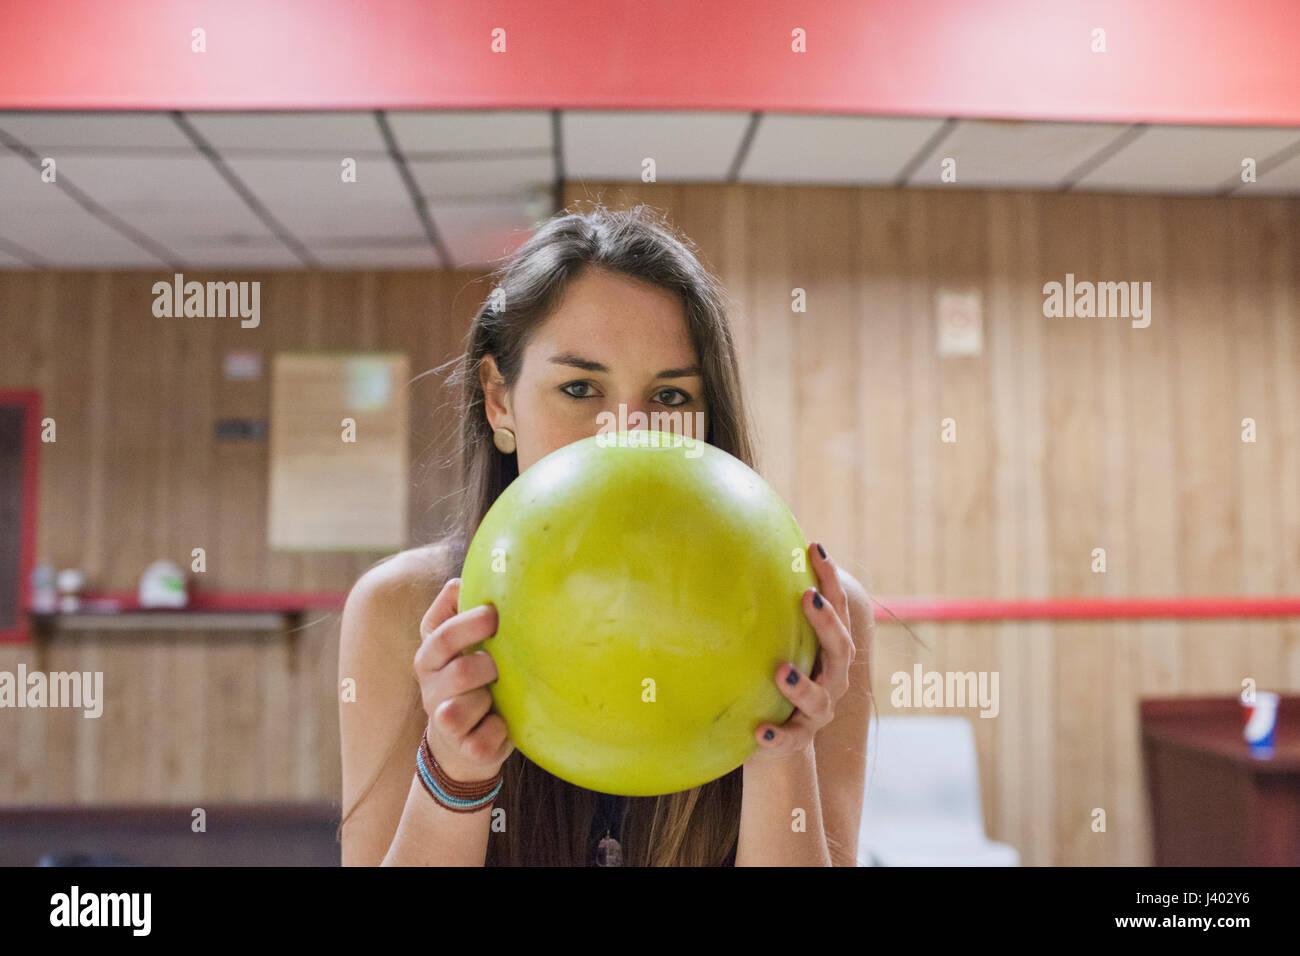 Una giovane donna con un giallo palla da bowling. Immagini Stock